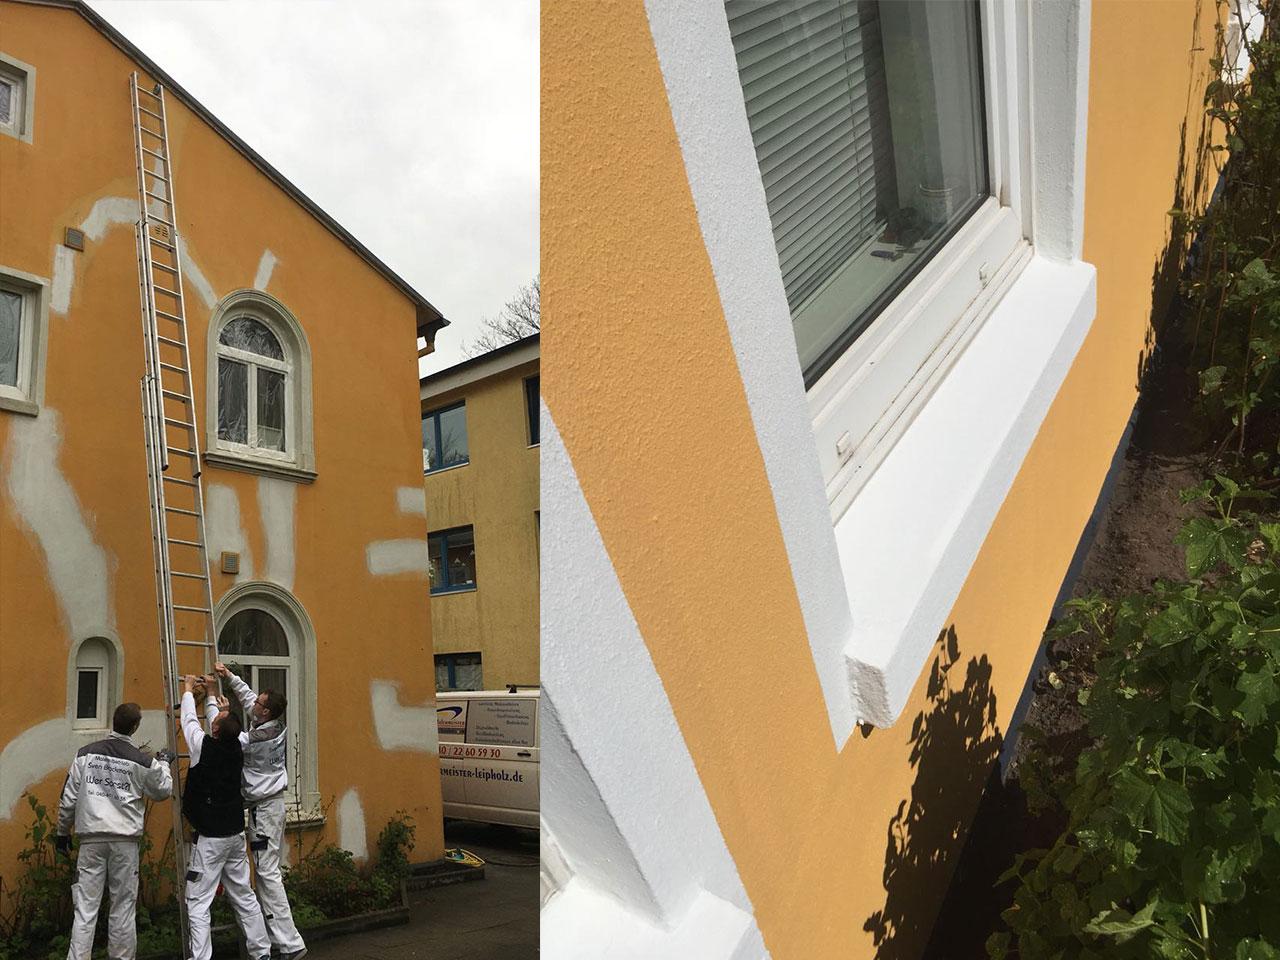 Bild während der Fassadenrenovierung am Haus und das Ergebnis danach